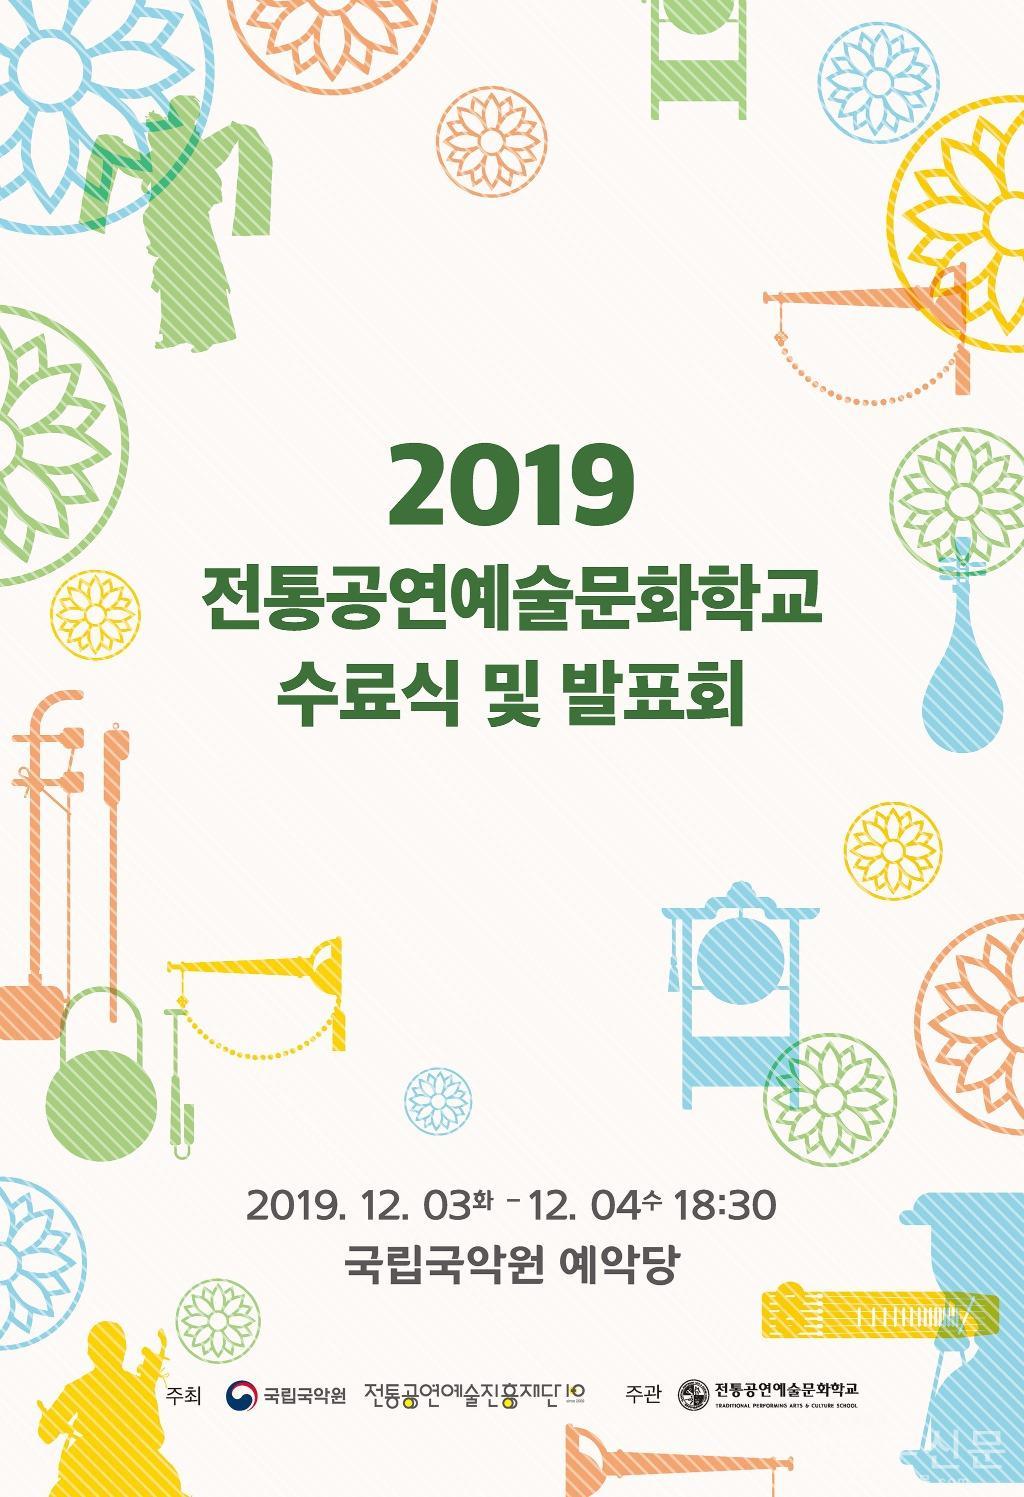 전통공연예술진흥재단, '2019 문화학교 발표회' 개최.jpg